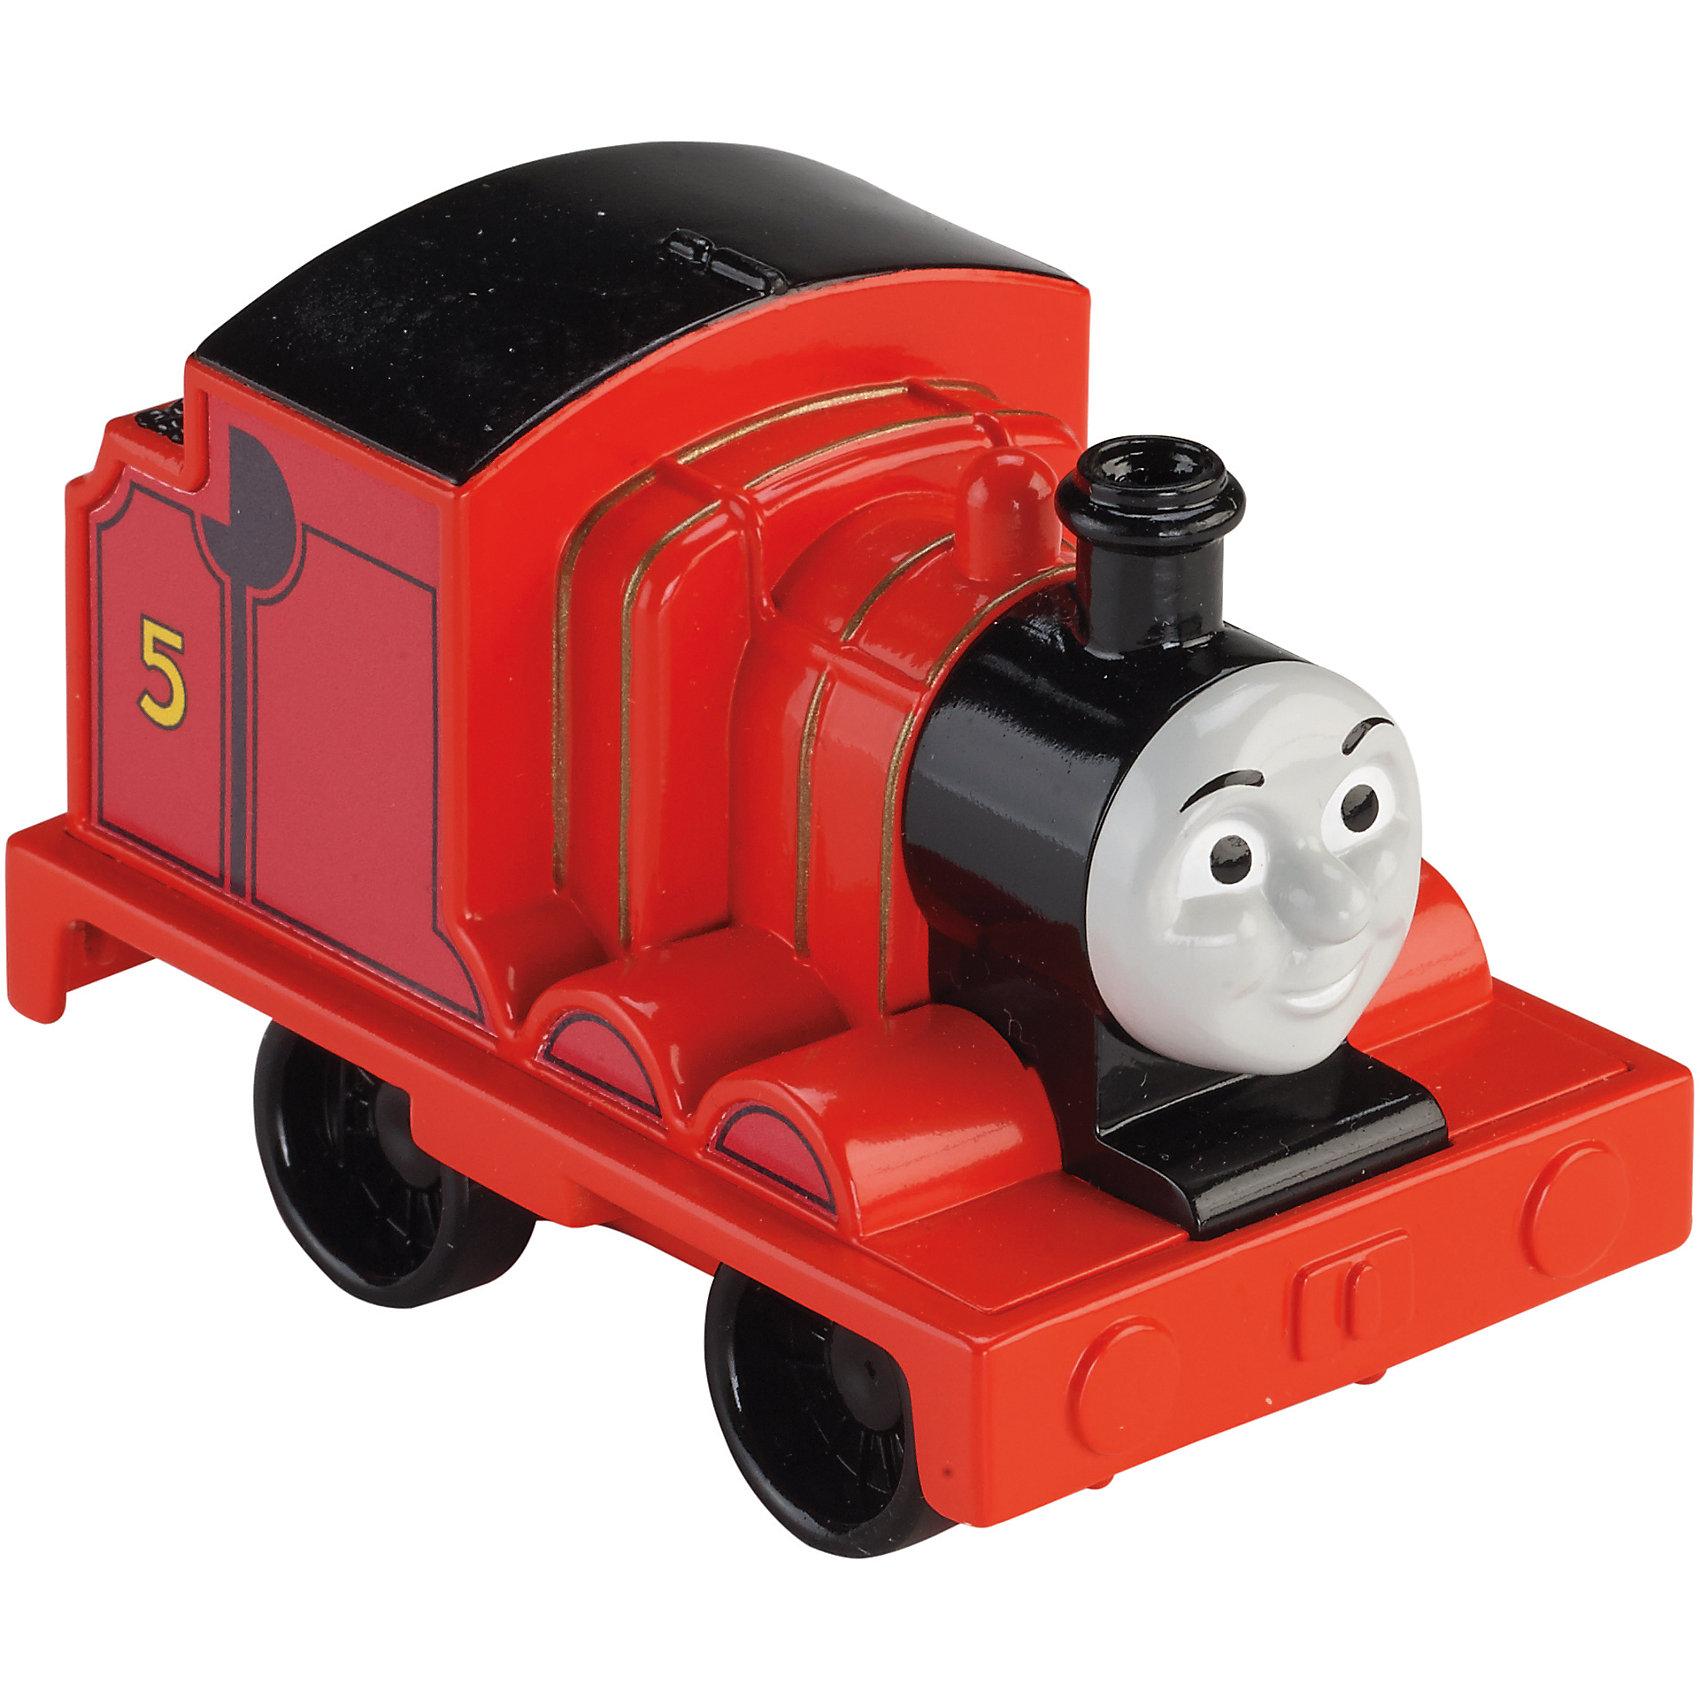 Веселые друзья-паровозики, Томас и его друзьяВеселые друзья-паровозики, Томас и его друзья – это паровозик привлечет внимание вашего малыша и не позволит ему скучать.<br>Маленький, свободно перемещающийся паровозик Джеймс выполнен из пластика в виде персонажа популярного мультсериала Томас и его друзья. Джеймс - тендерный паровоз под номером 5. Он самый самовлюбленный из всех паровозов острова Содор, считая, что красный цвет делает его исключительным. Паровозик можно катать по самым разным поверхностям, т.к. у него гладкие колеса. Маленькие паровозики удобны и идеально подходят даже для самых маленьких! Игрушки можно толкать перед собой, что очень понравиться любому малышу! В продаже имеются пять персонажей серии «Томас и его друзья»: Томас, Перси, Гарольд, Дизель и Гордон.<br><br>Дополнительная информация:<br><br>- Размер паровозика: 6,3 x 5,7 x 9,3 см.<br>- Материал: пластик<br><br>Паровозик Джеймс серии Веселые друзья-паровозики, Томас и его друзья можно купить в нашем интернет-магазине.<br><br>Ширина мм: 310<br>Глубина мм: 305<br>Высота мм: 100<br>Вес г: 106<br>Возраст от месяцев: 18<br>Возраст до месяцев: 36<br>Пол: Мужской<br>Возраст: Детский<br>SKU: 4713581